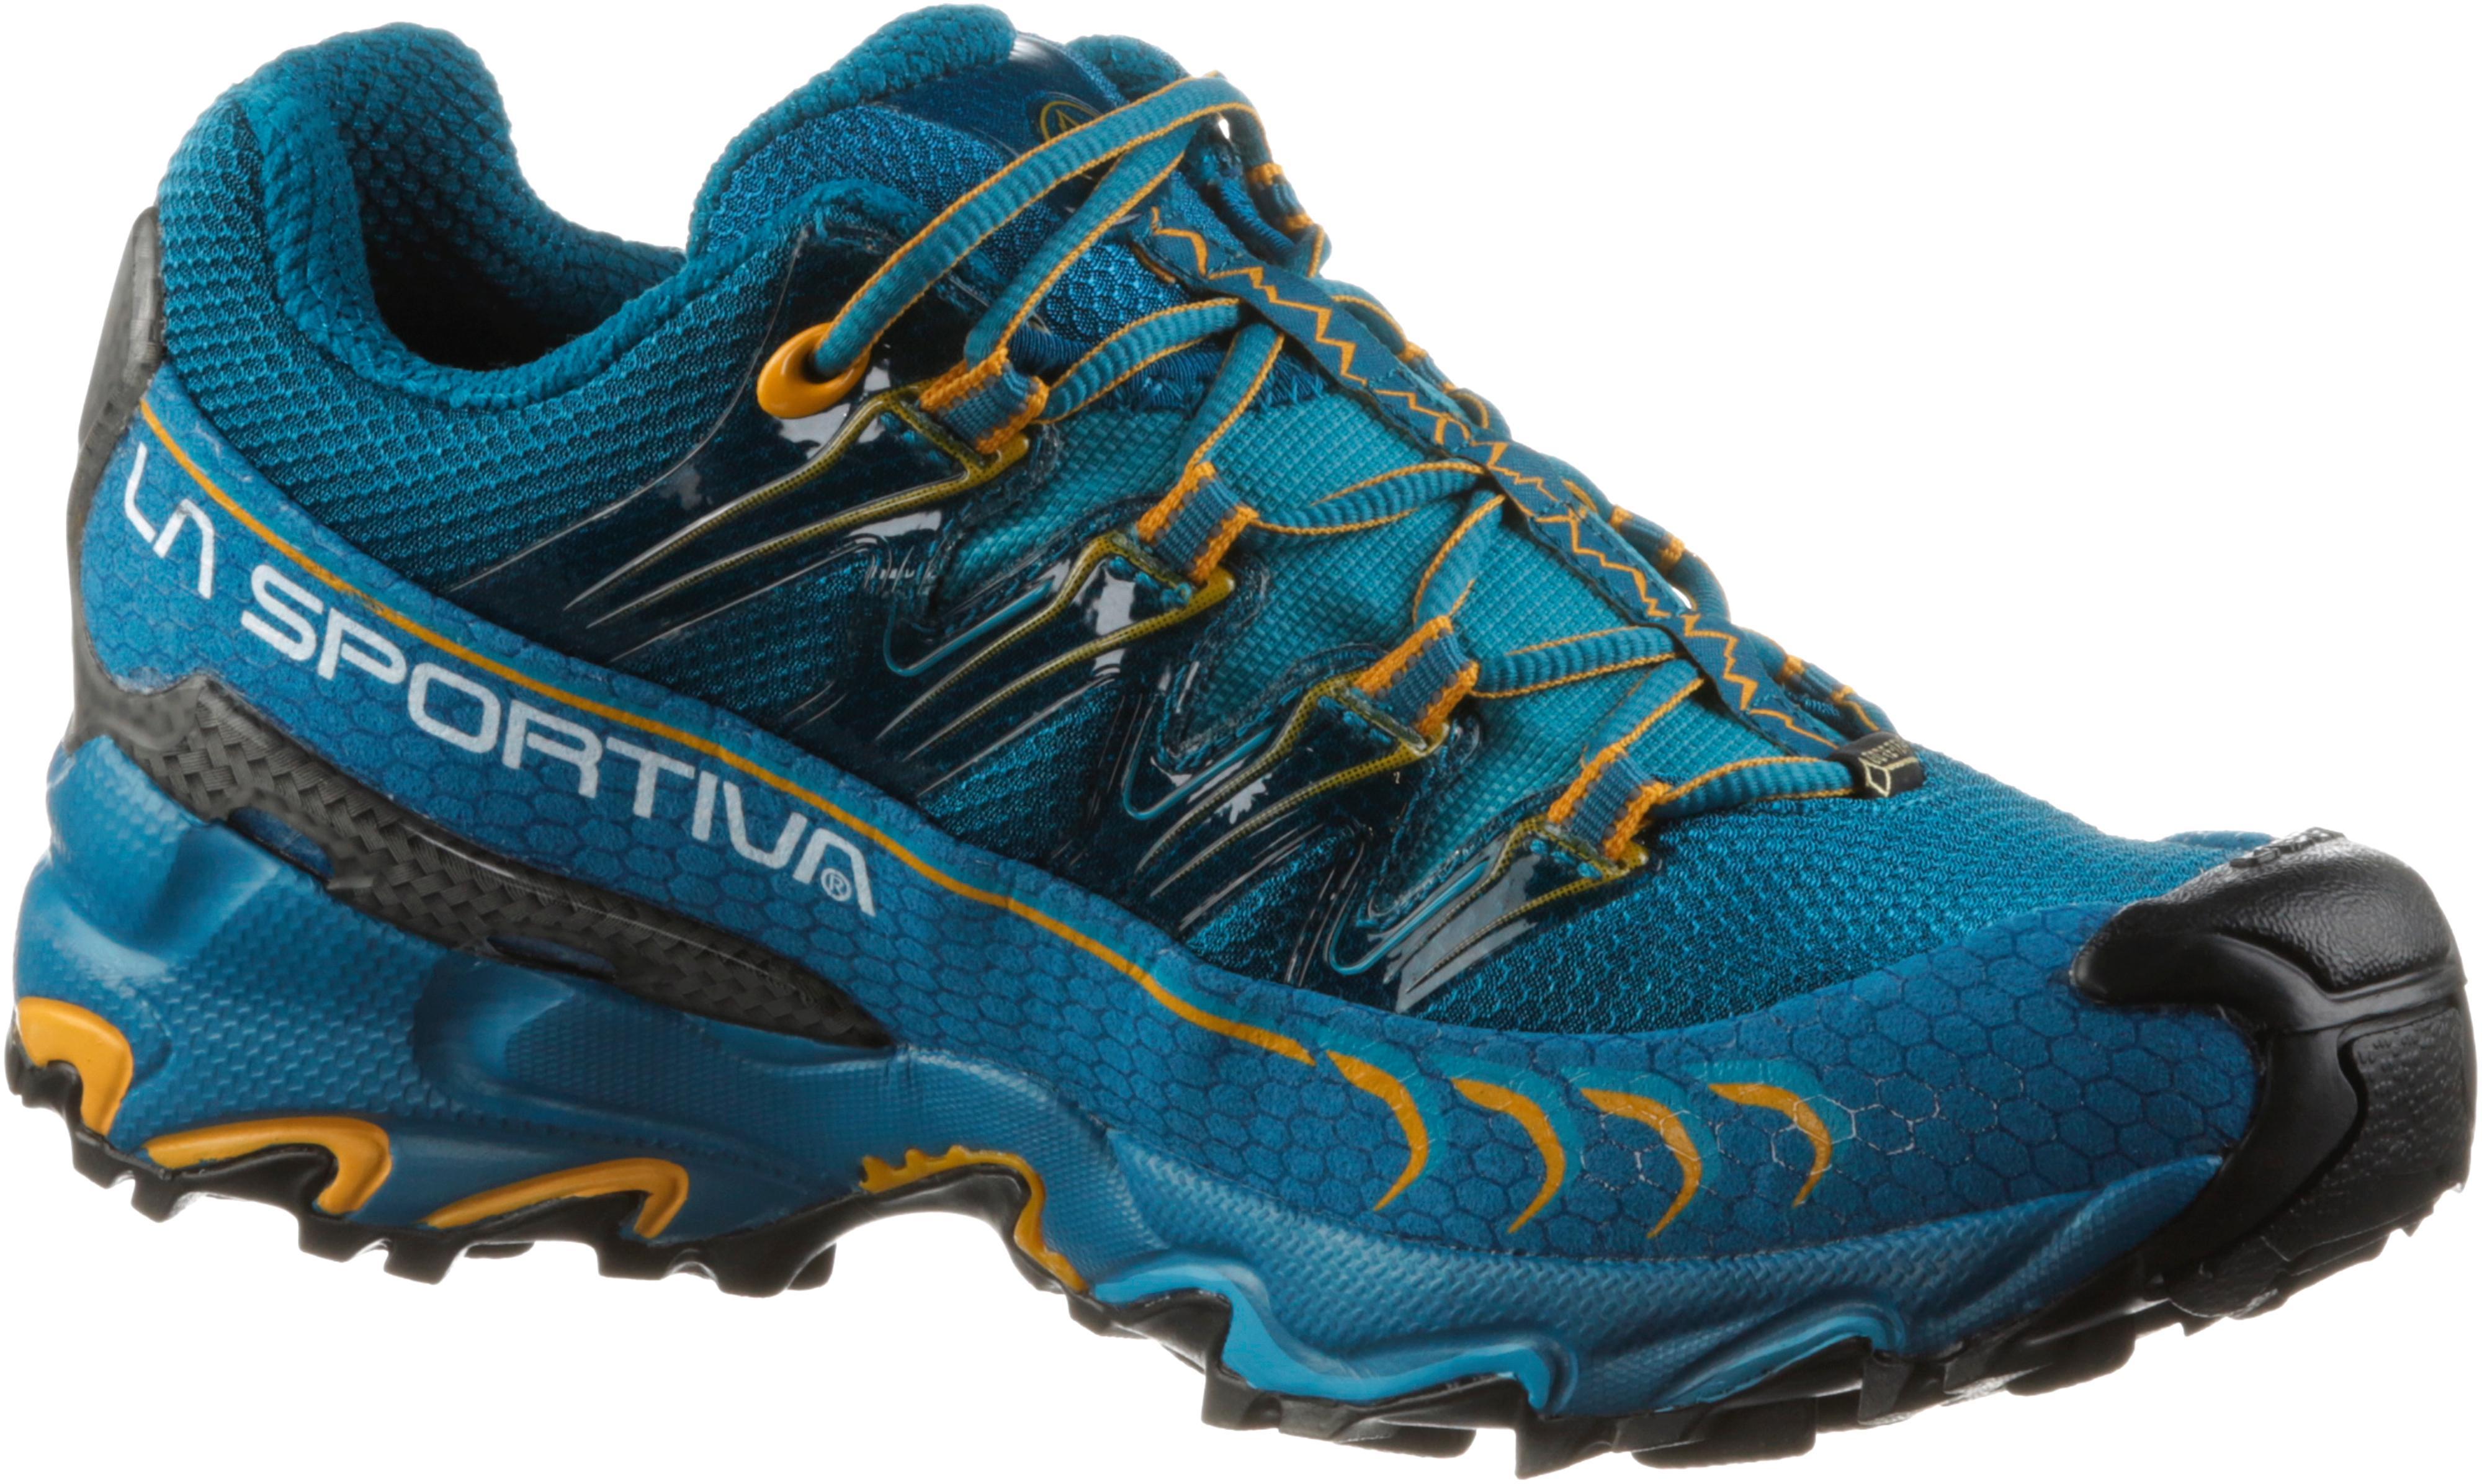 La Sportiva Sportiva Sportiva Ultra Raptor GTX Multifunktionsschuhe Damen fjord-papaya im Online Shop von SportScheck kaufen Gute Qualität beliebte Schuhe 7714f6